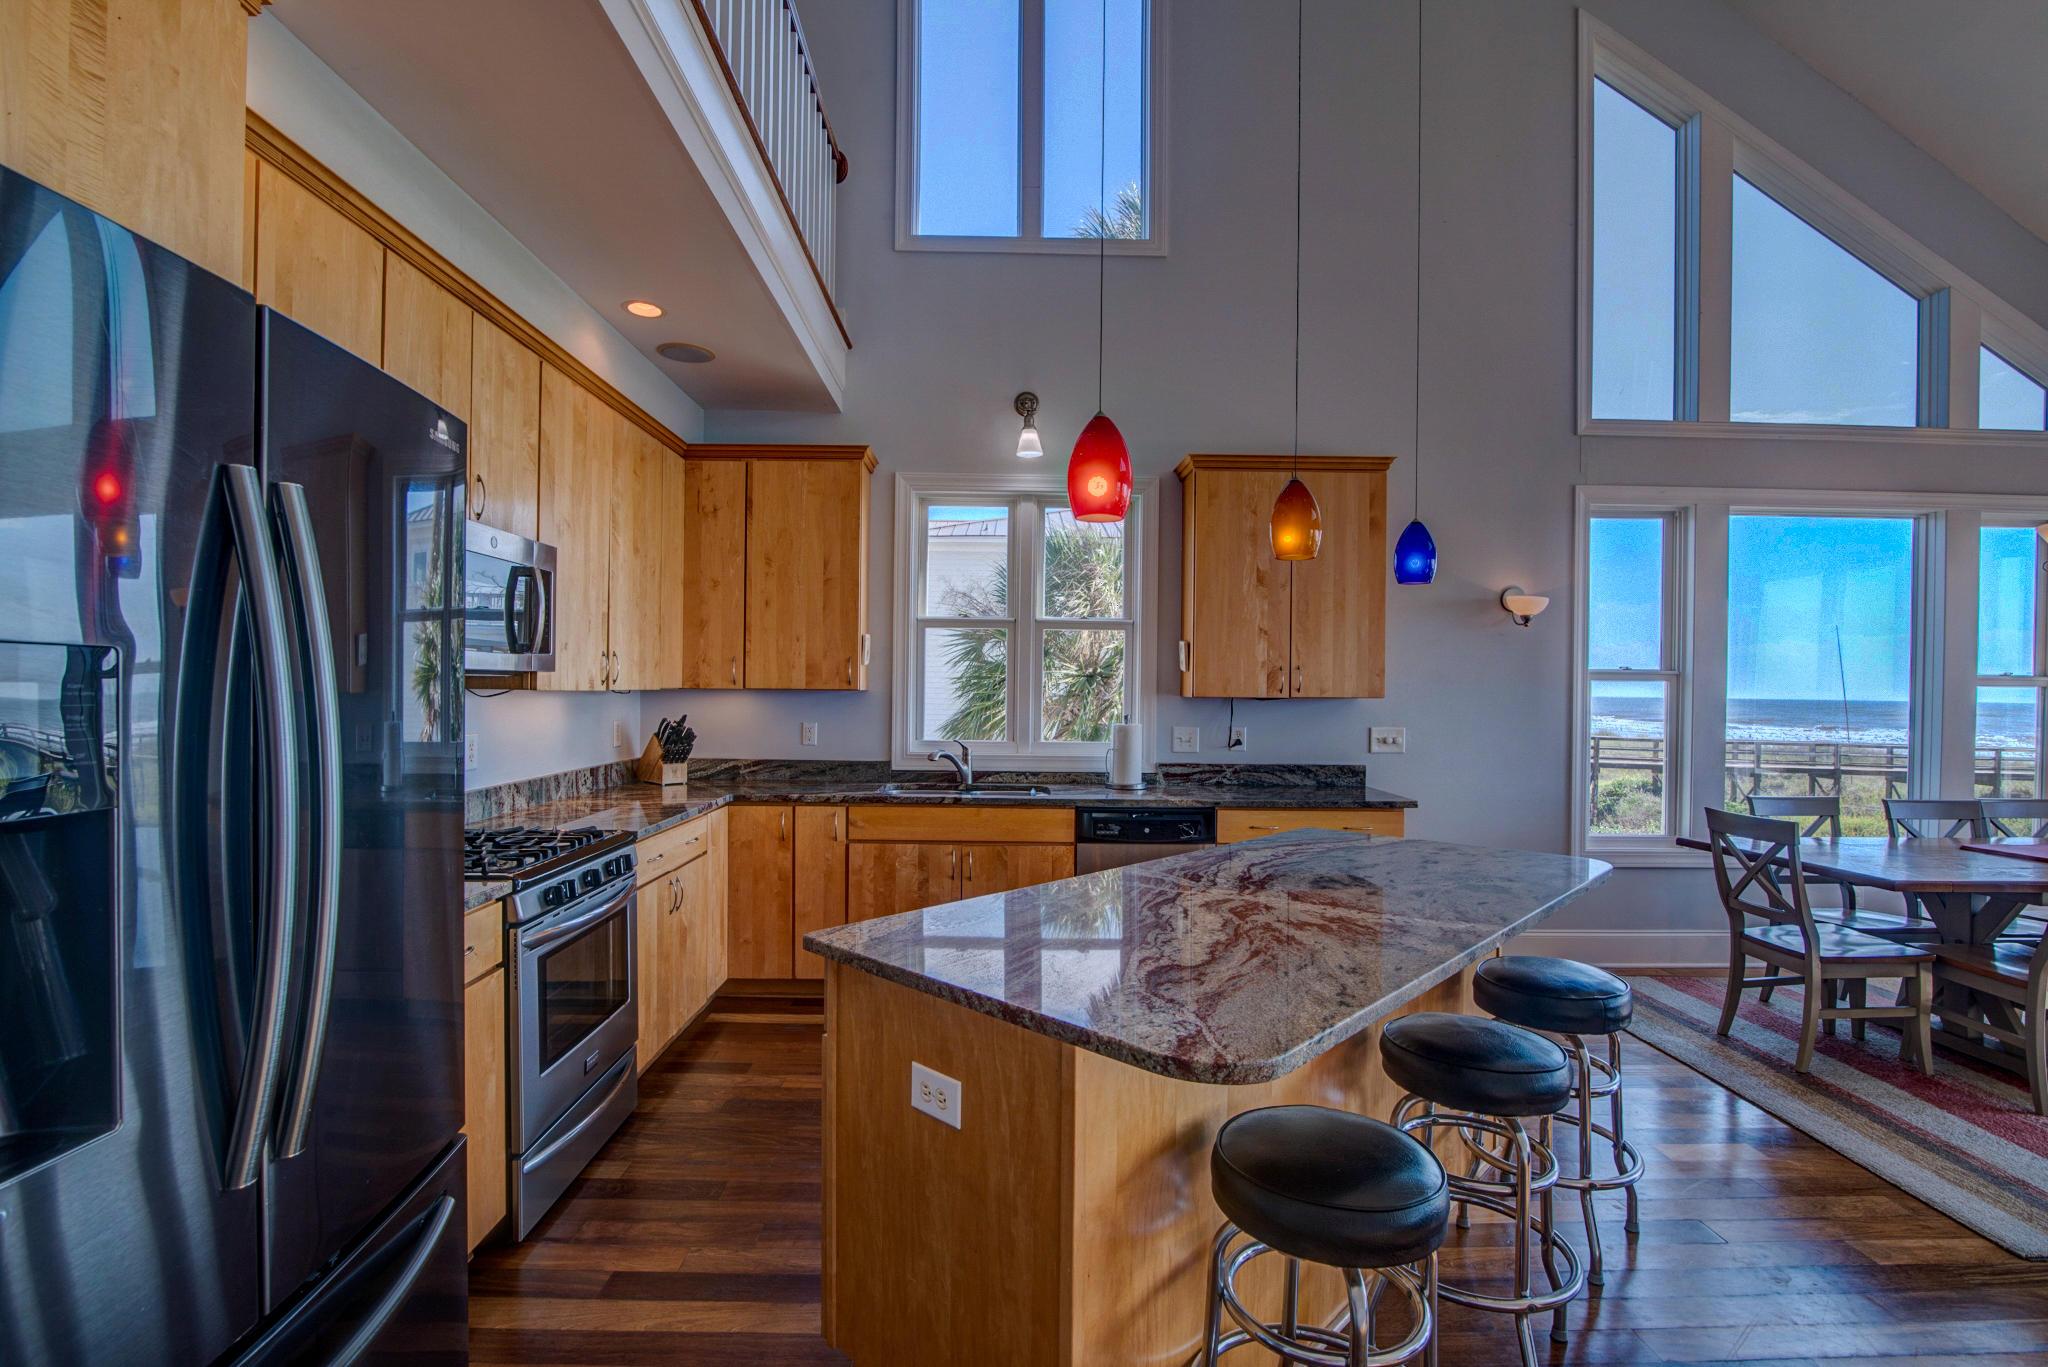 Folly Beach Homes For Sale - 319 Arctic, Folly Beach, SC - 8